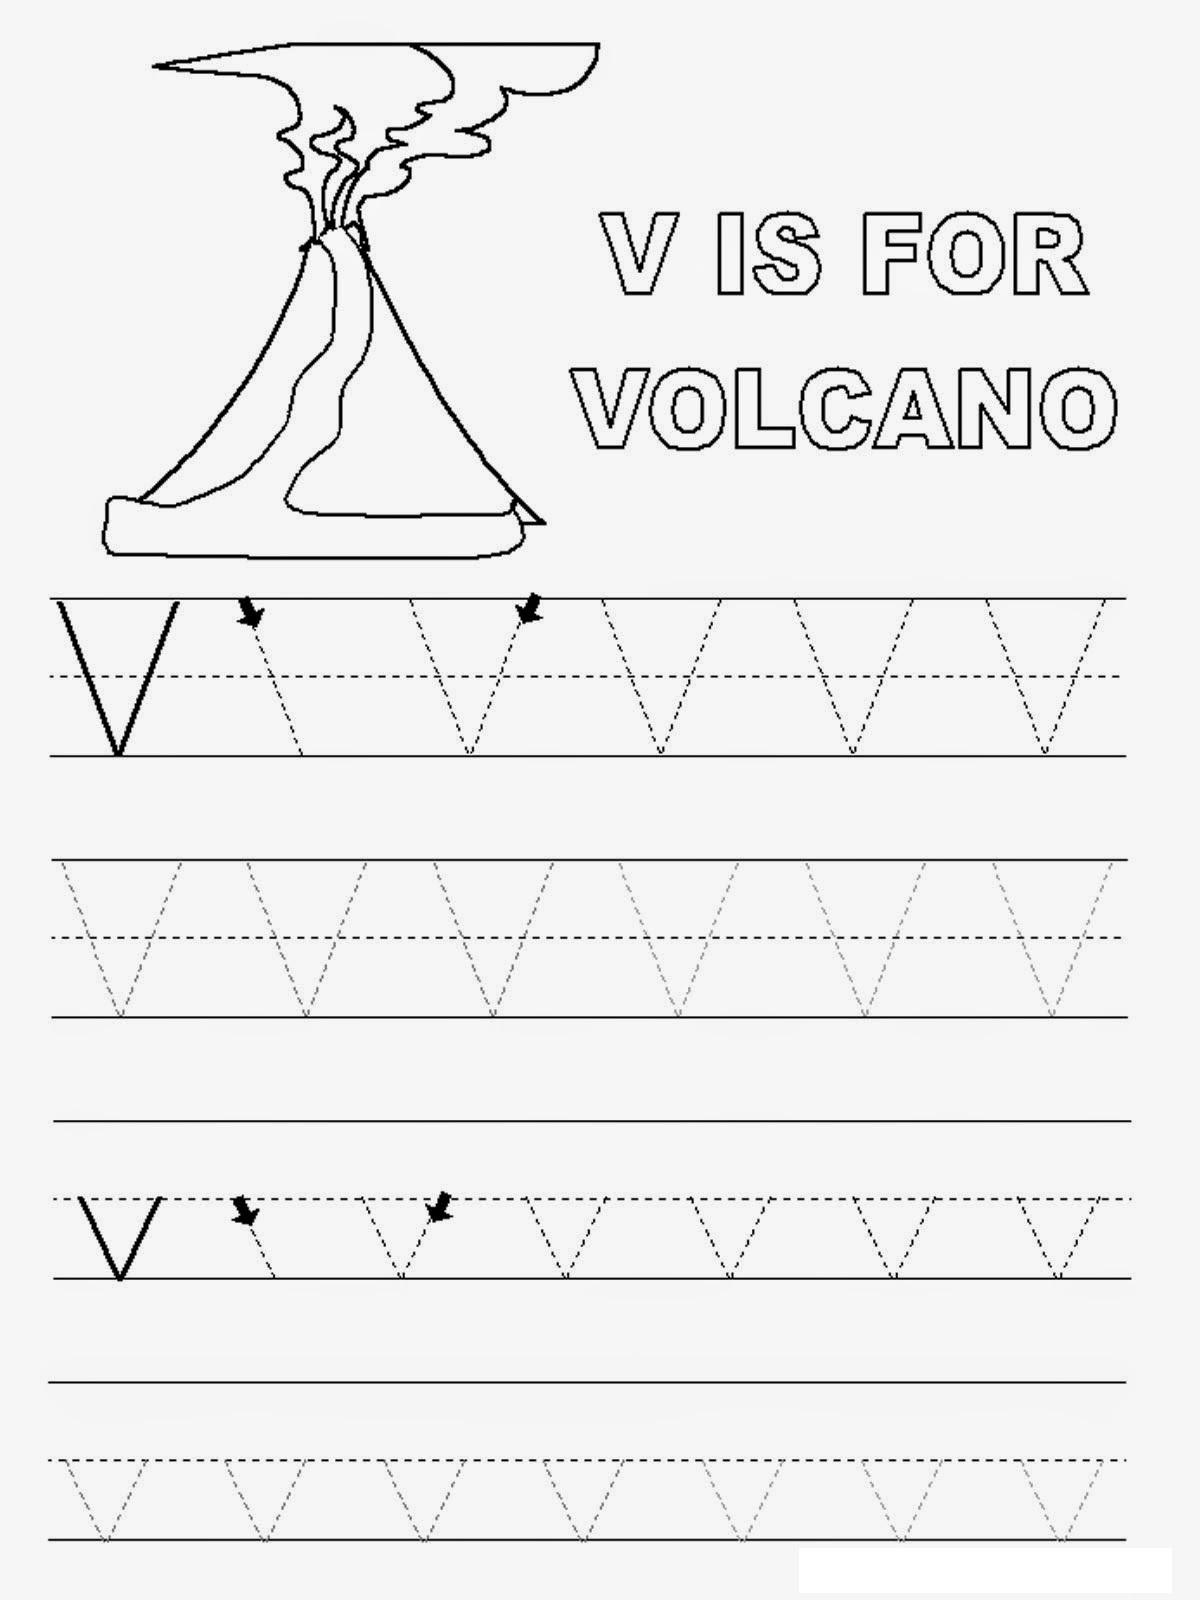 Letter V Worksheets To Print | Activity Shelter with regard to Letter V Worksheets Printable